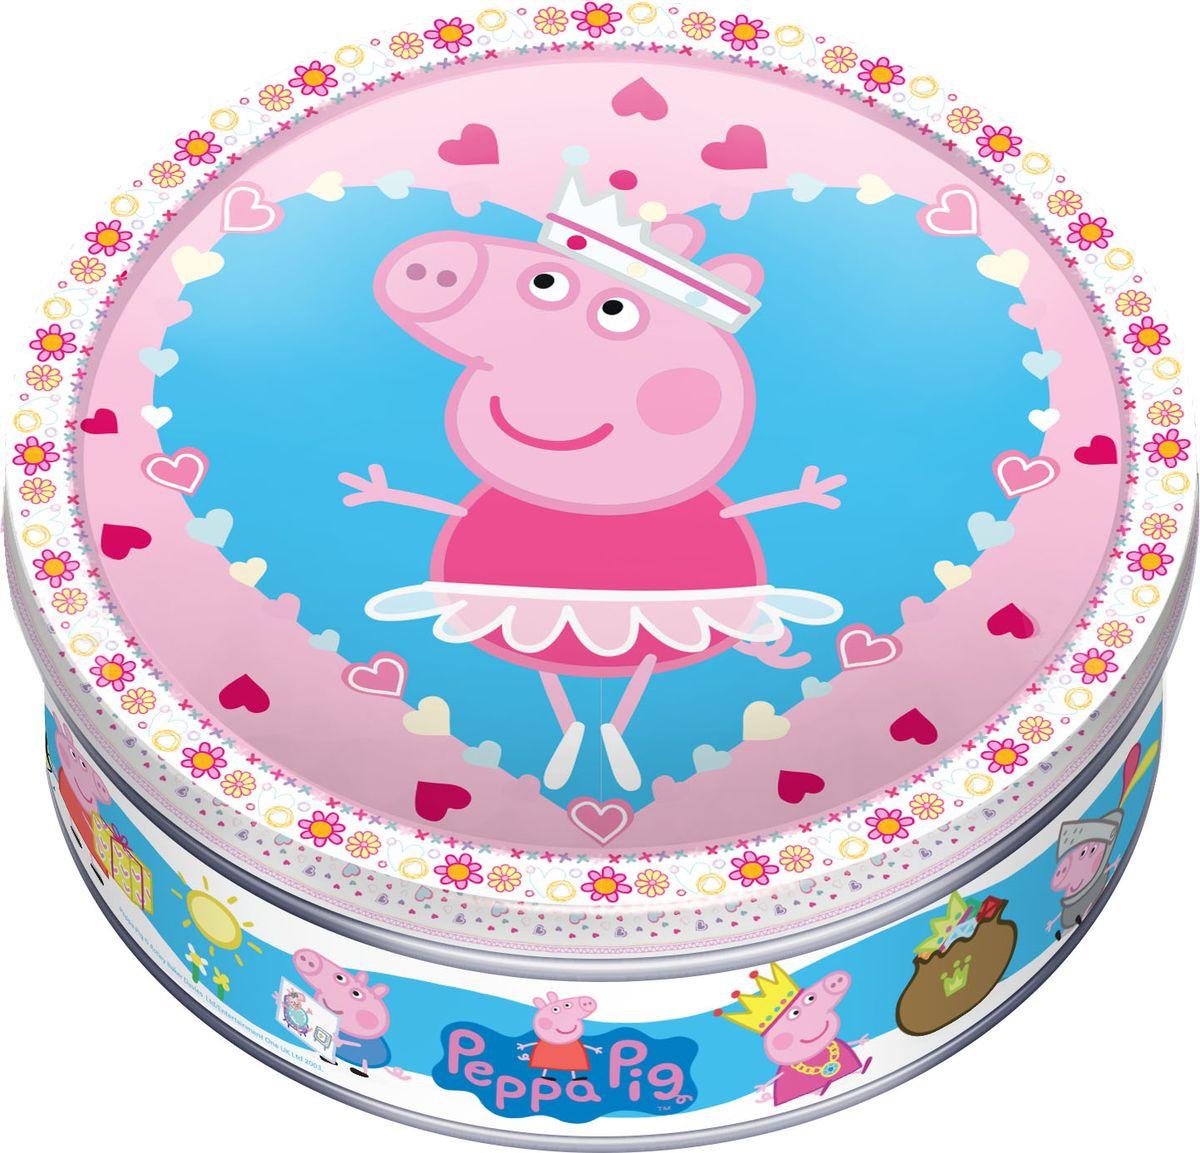 Peppa Pig печенье сдобное с шоколадом, 150 гMC-6-11/PPСвинка Пеппа – один из самых известных брендов в мире! Поклонники мультфильма Свинка Пеппа будут рады, что их любимые персонажи на сладкой продукции. Когда печенье закончится, упаковку можно будет использовать для хранения мелочей, игрушек или школьных принадлежностей.